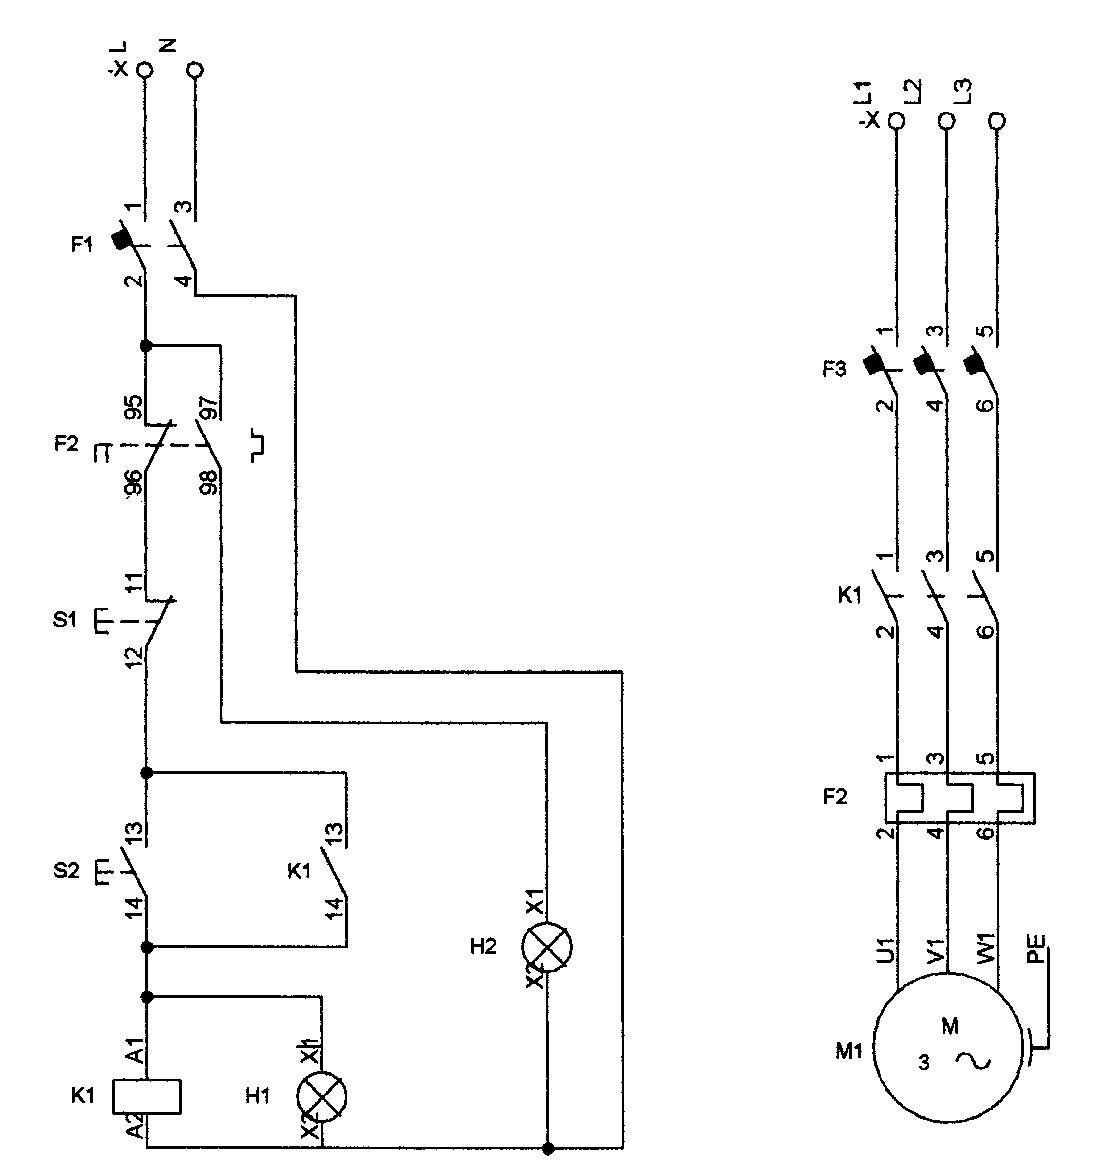 84 jeep cj7 2 5l wiring diagram